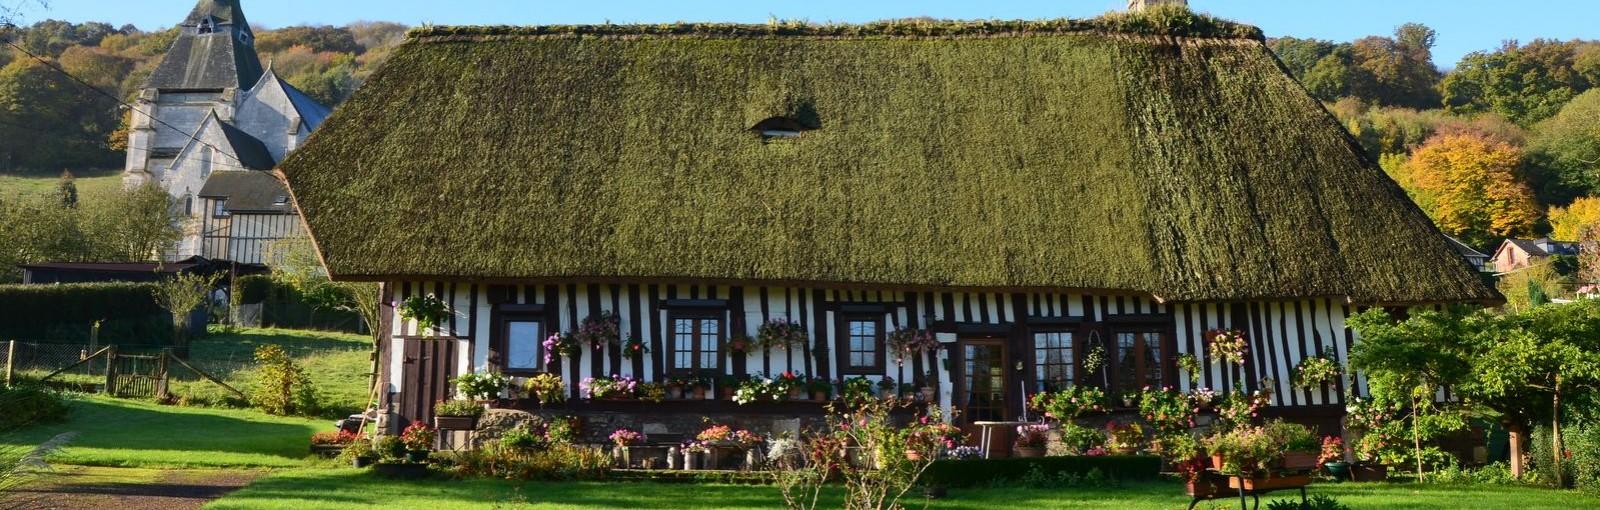 Tours La Normandie hors des sentiers battus: Souvenirs Impressionnistes, abbayes, chaumières et fromages! - Normandie - Tours en régions